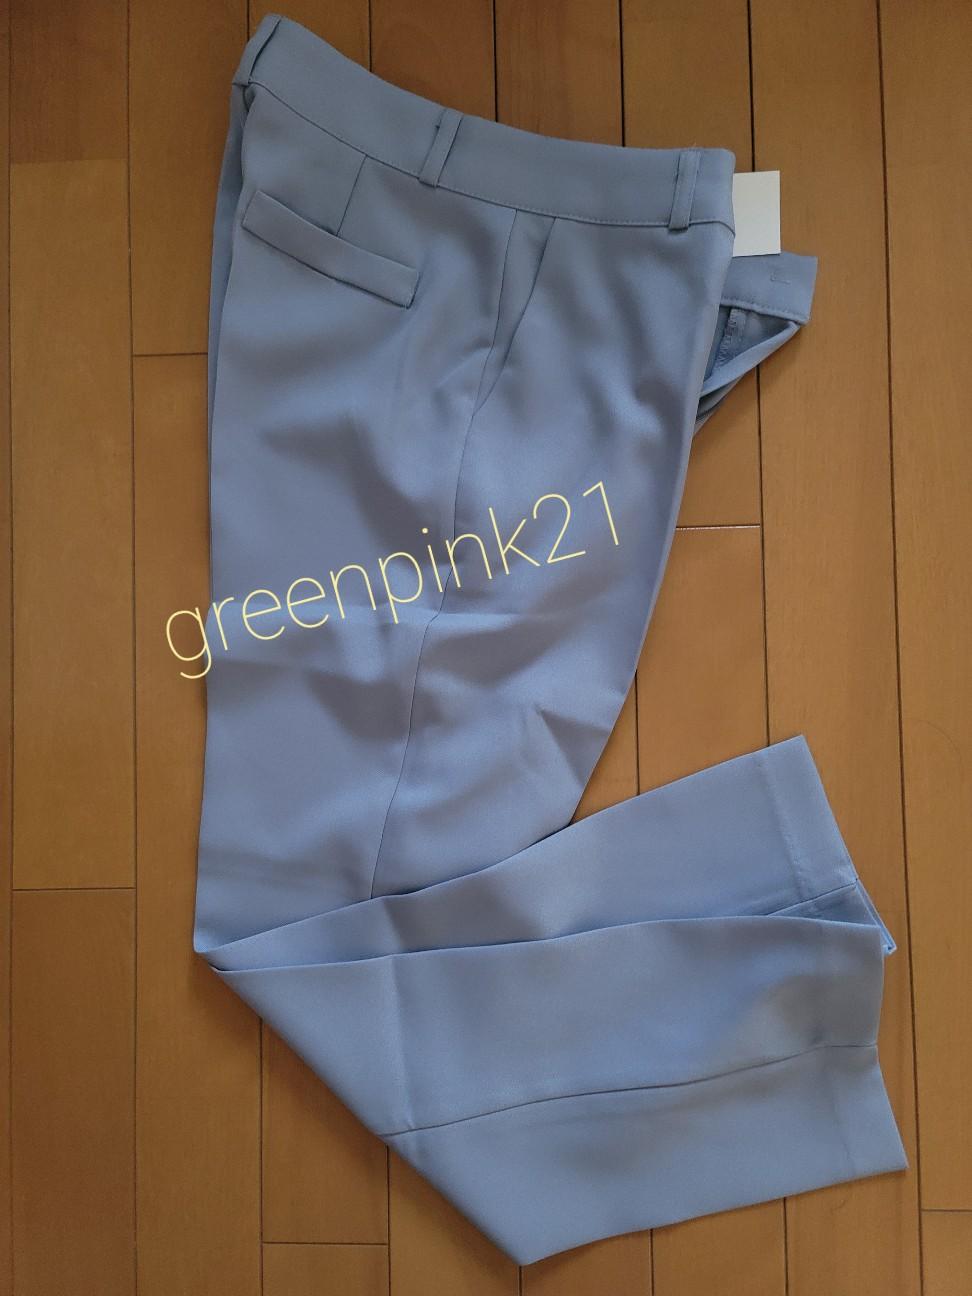 f:id:greenpink21:20210814183217j:image